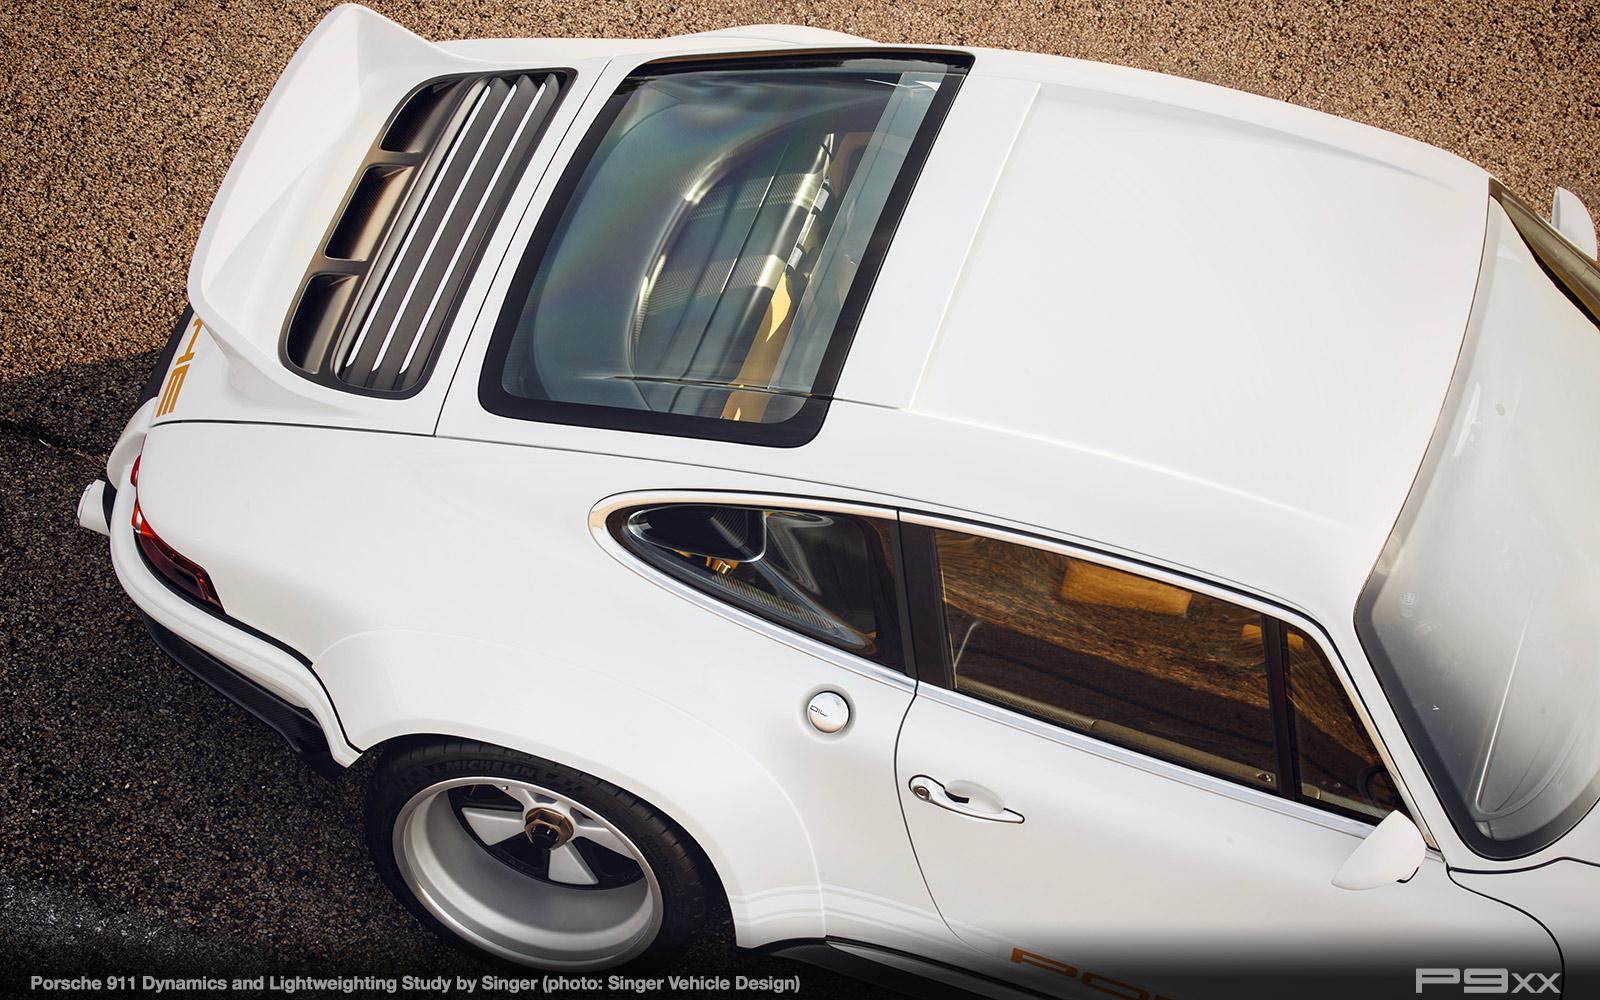 Singer-DLS-Porsche-911-300